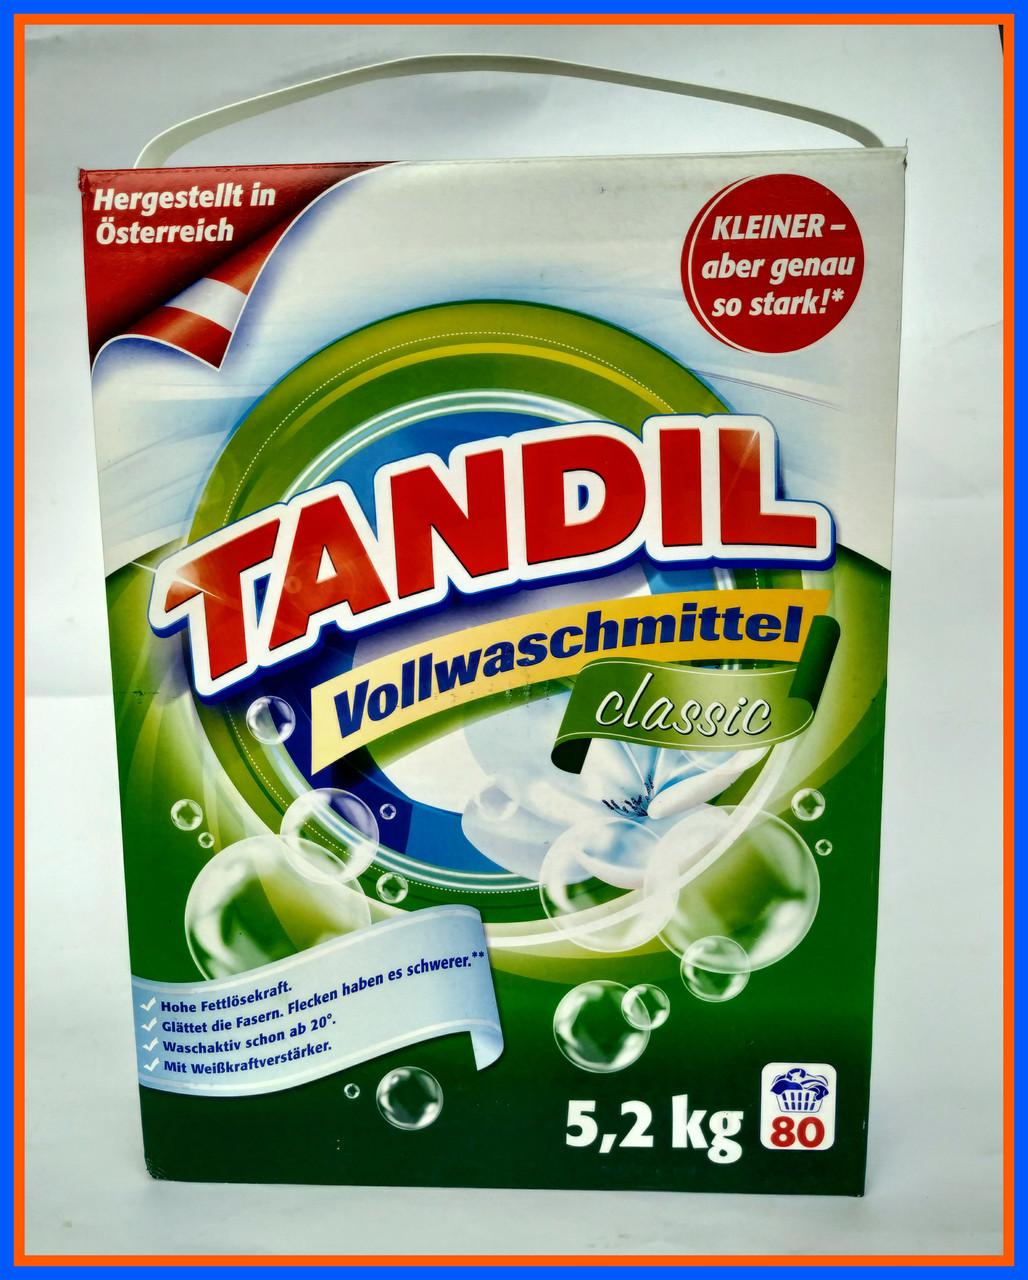 Пральний порошок для білого Тандил - Tandil 5,2 kg/80 прань